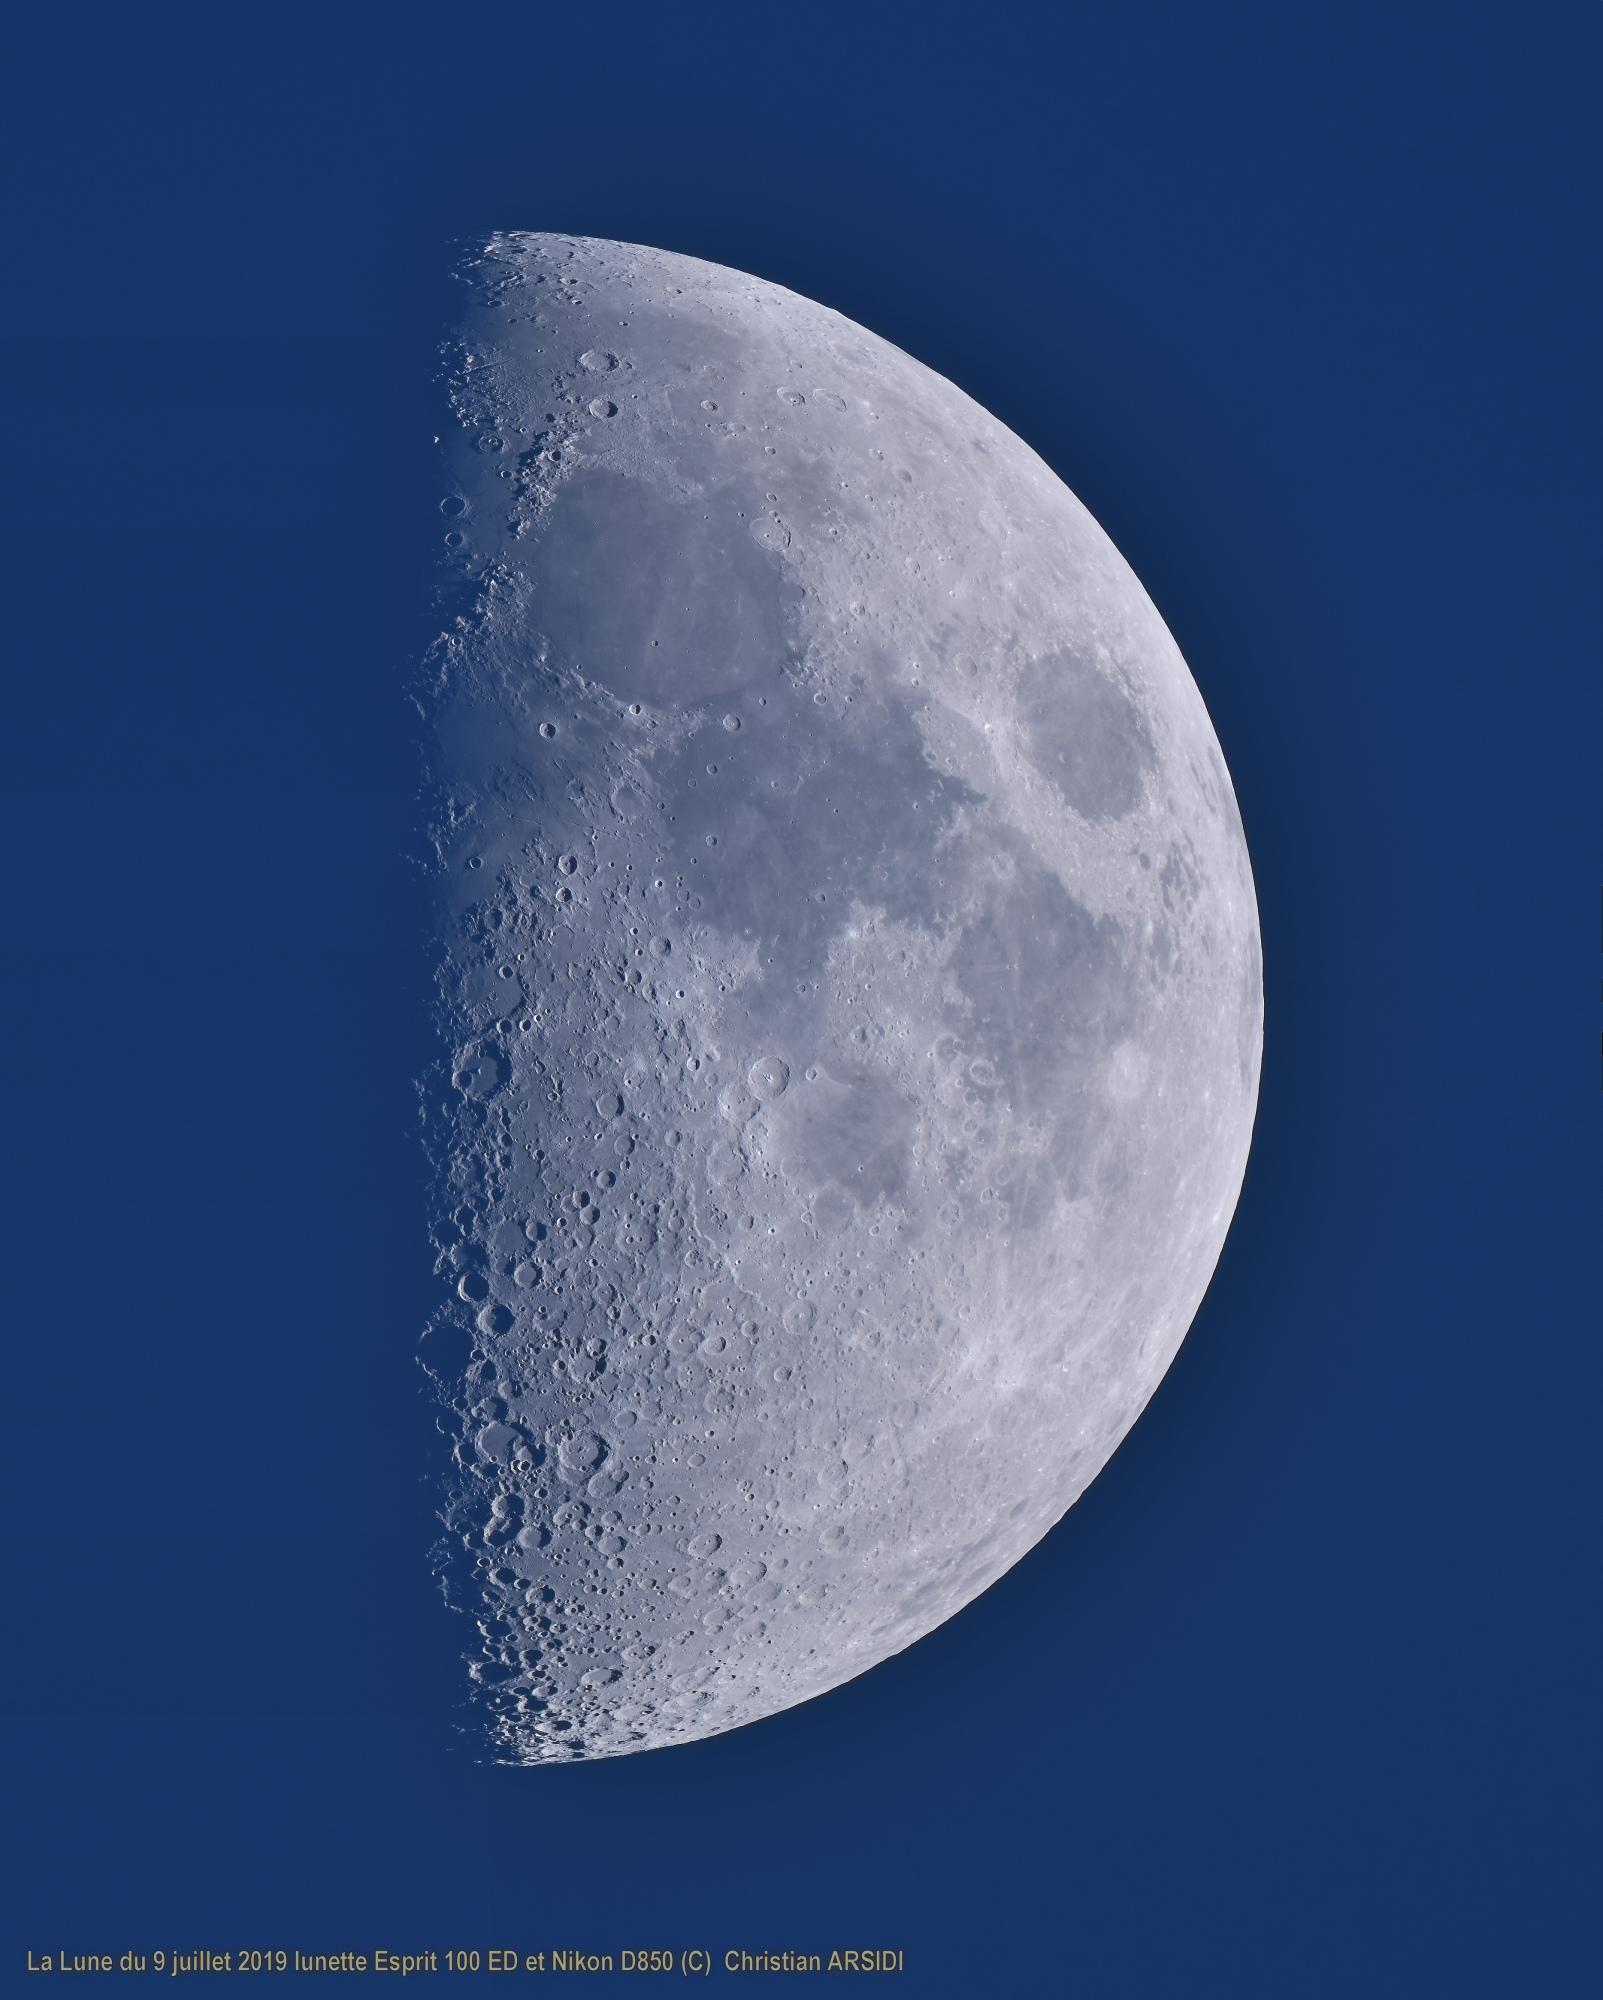 La_Lune_55__images_DxO_1_BV_traitée_JPEG.jpg